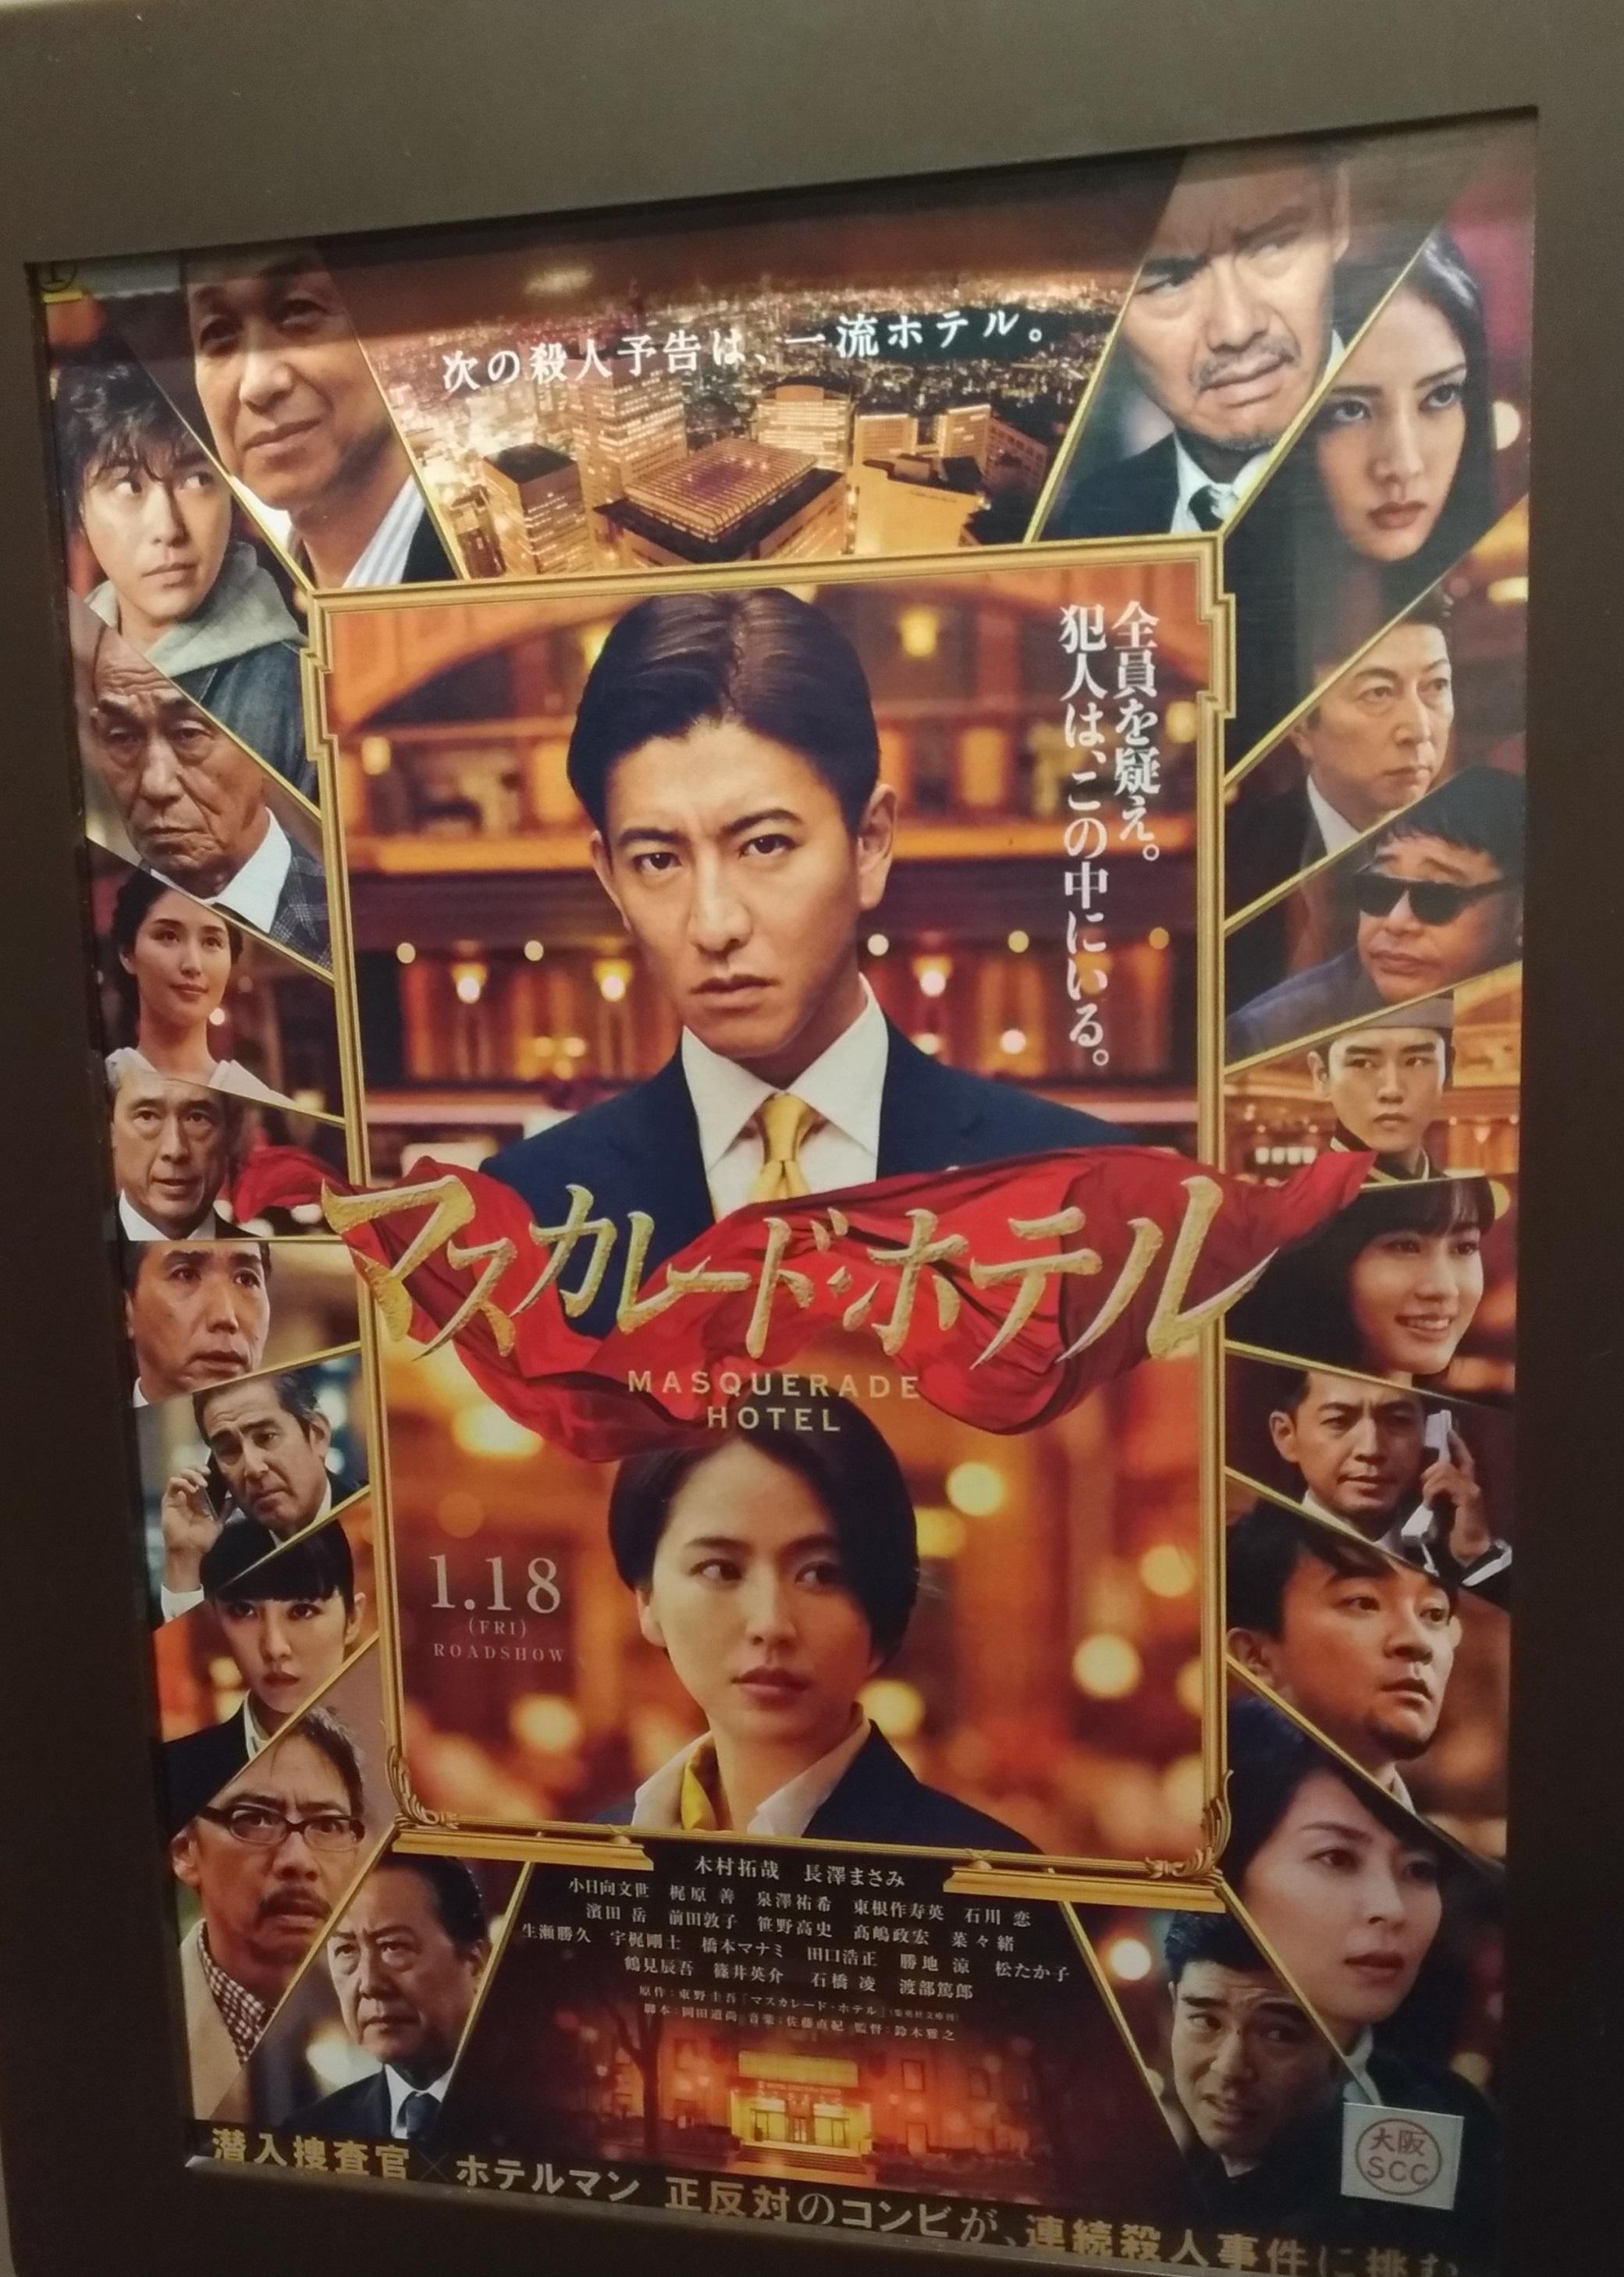 osaka_movies_masquerade.jpg